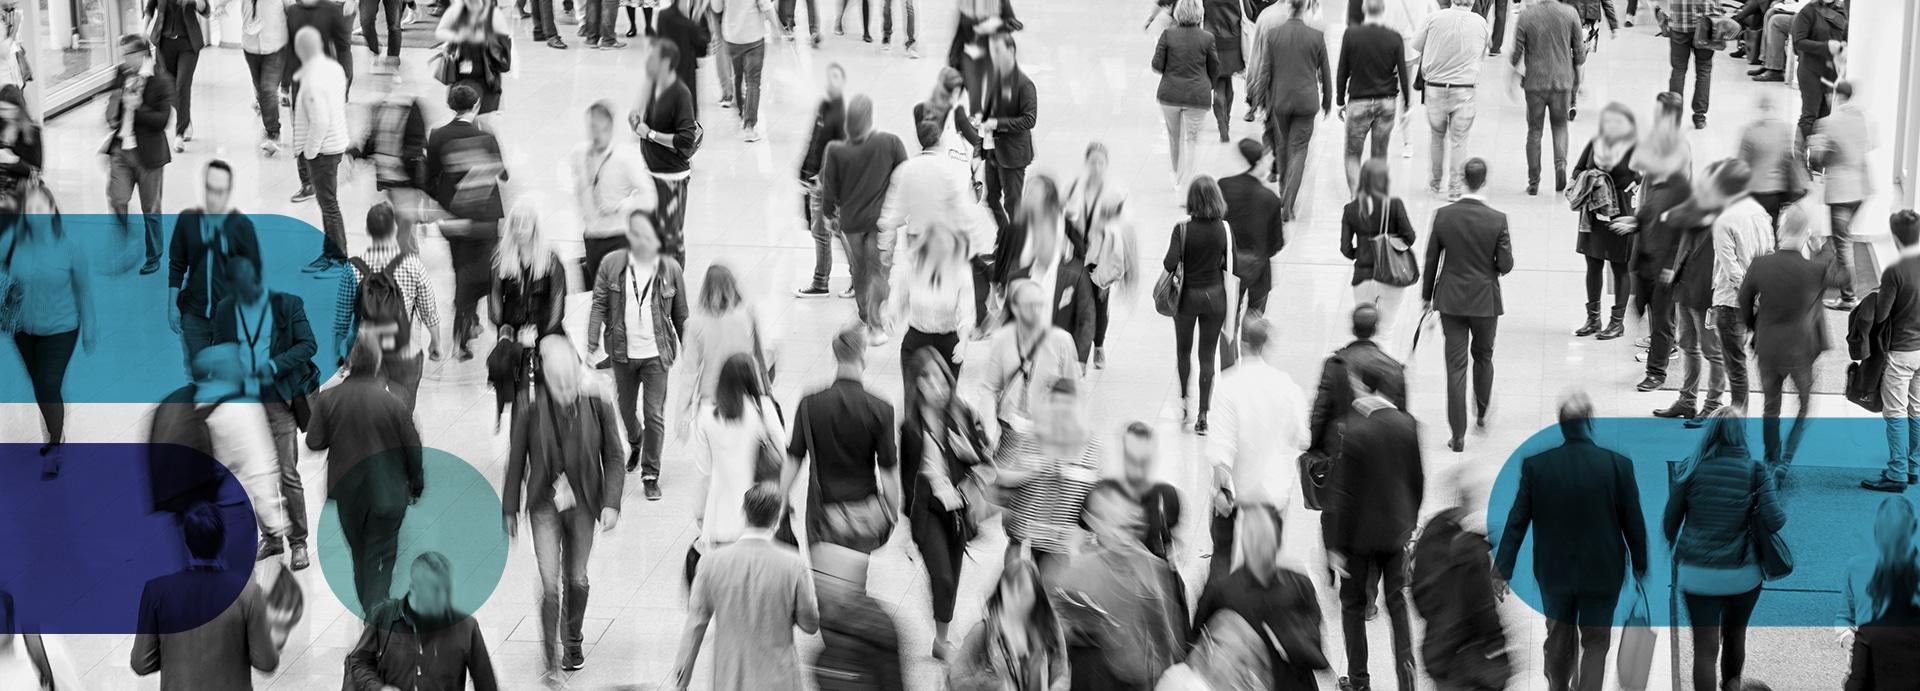 Projekt ProfiBaza zdrowie publiczne - zdjęcie ludzi na ulicy